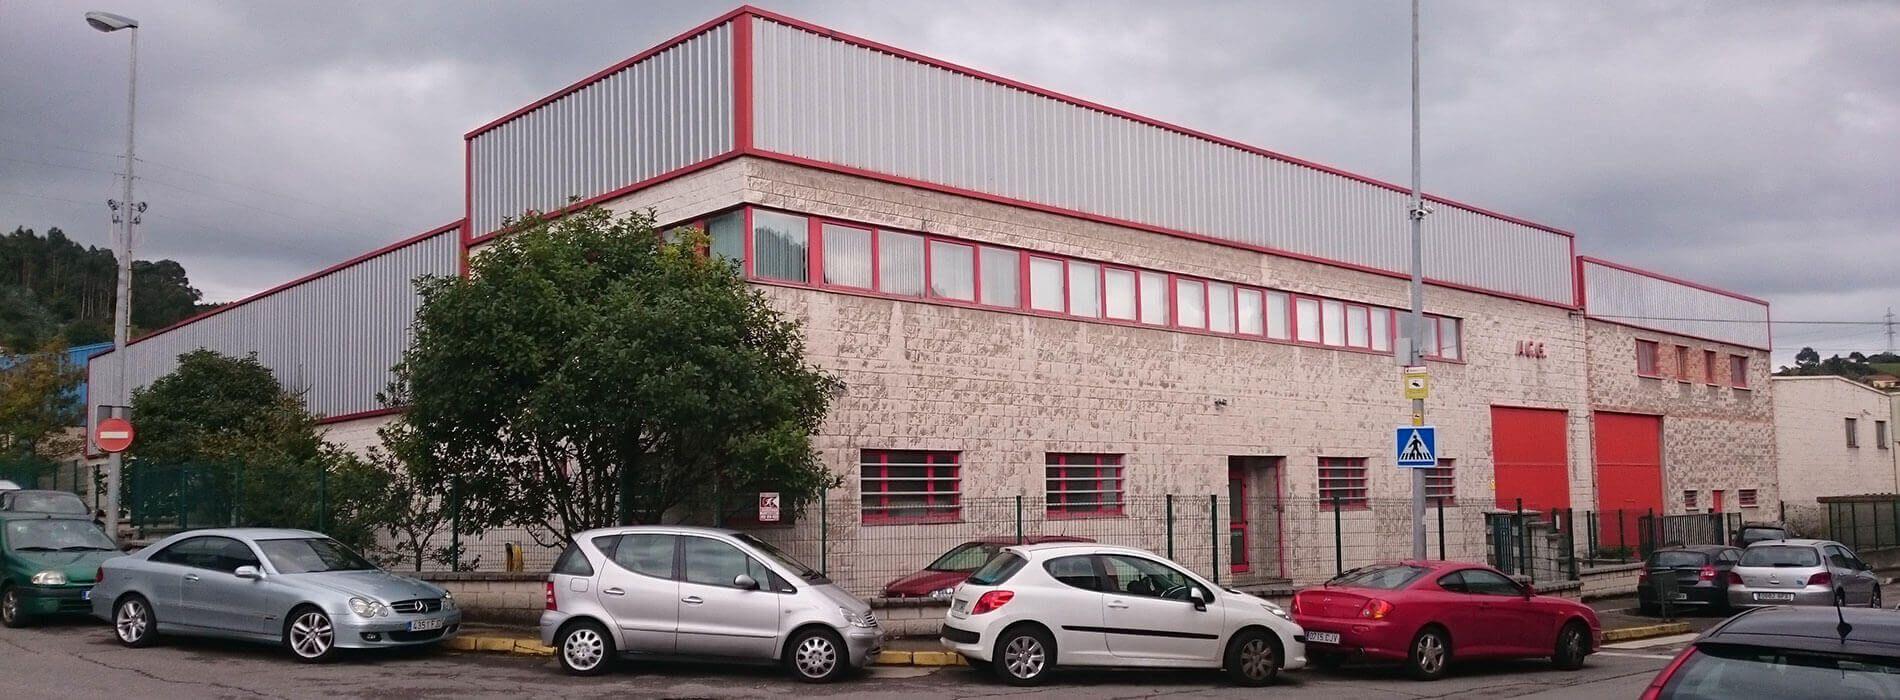 Mantenimiento industrial en Asturias